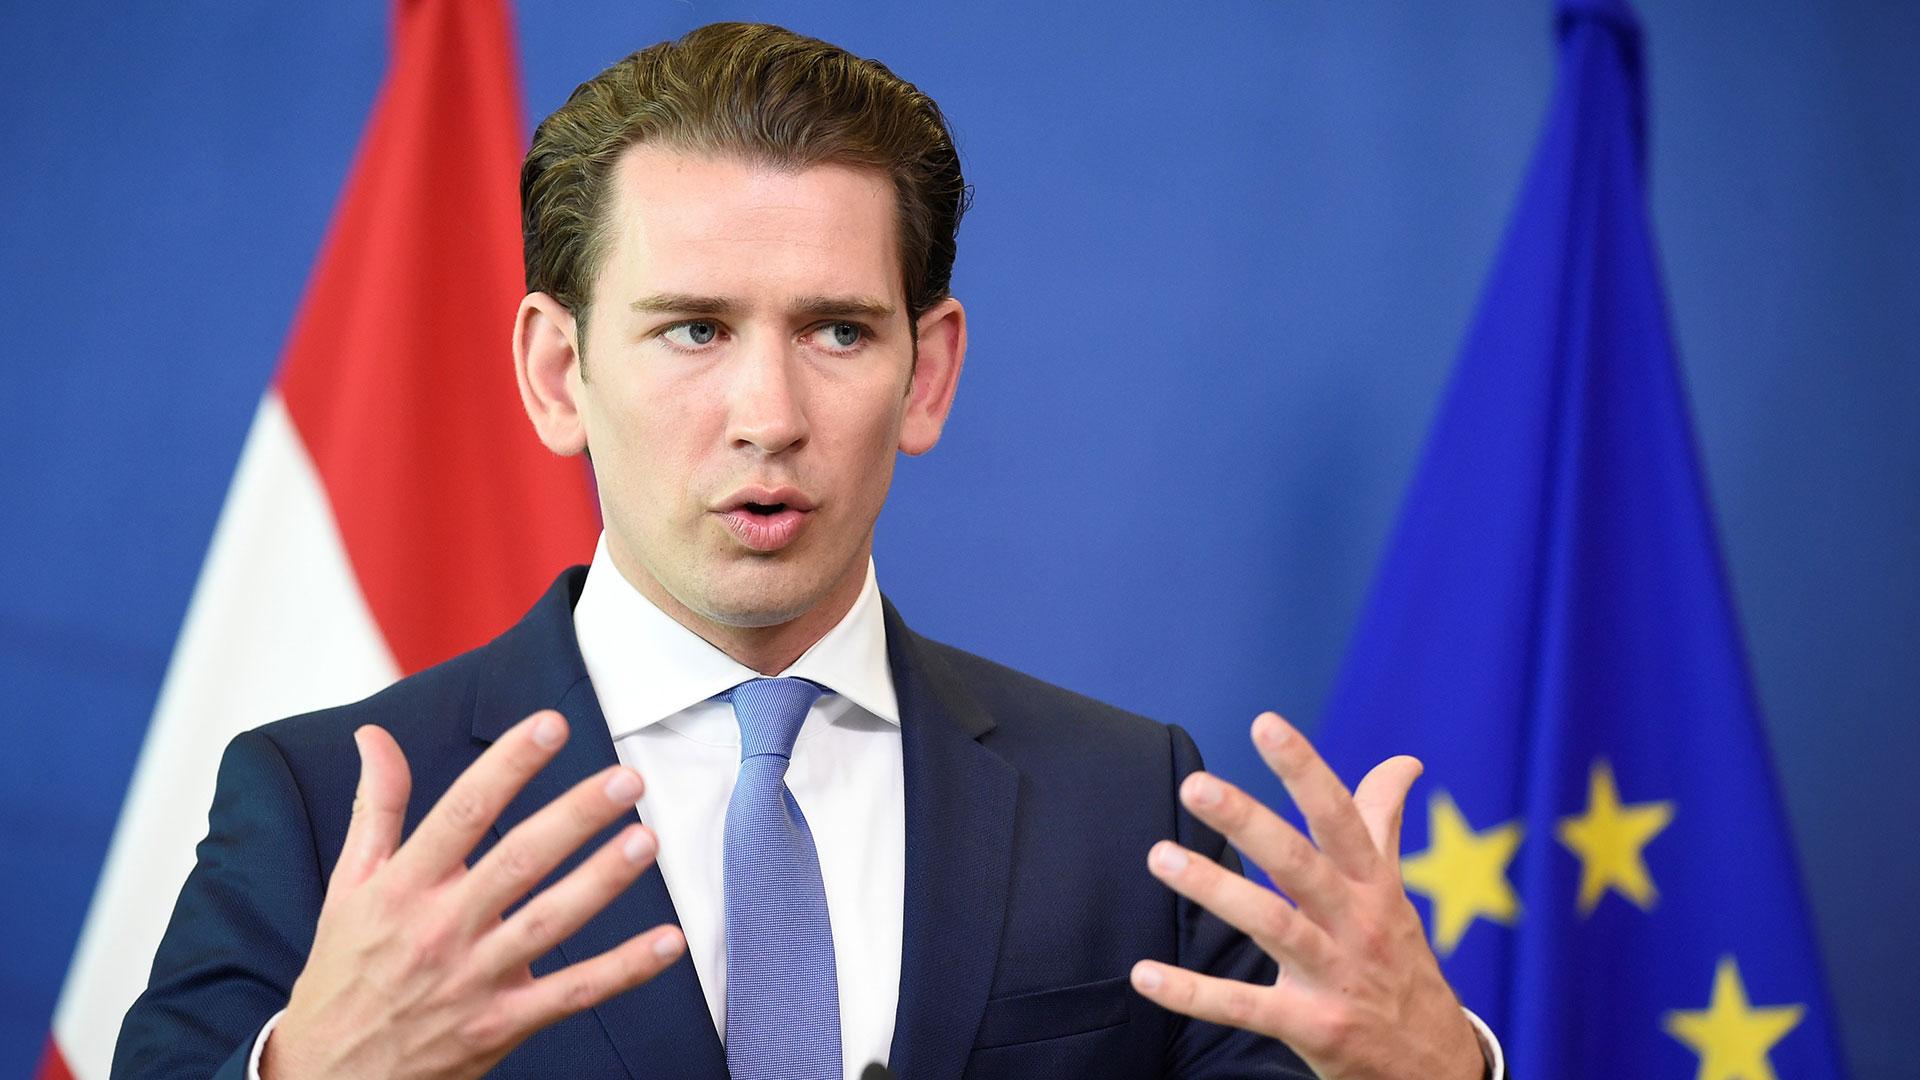 Escándalo en Austria: el canciller Sebastian Kurz convocó elecciones  anticipadas tras la renuncia del vicecanciller acusado de corrupción -  Infobae